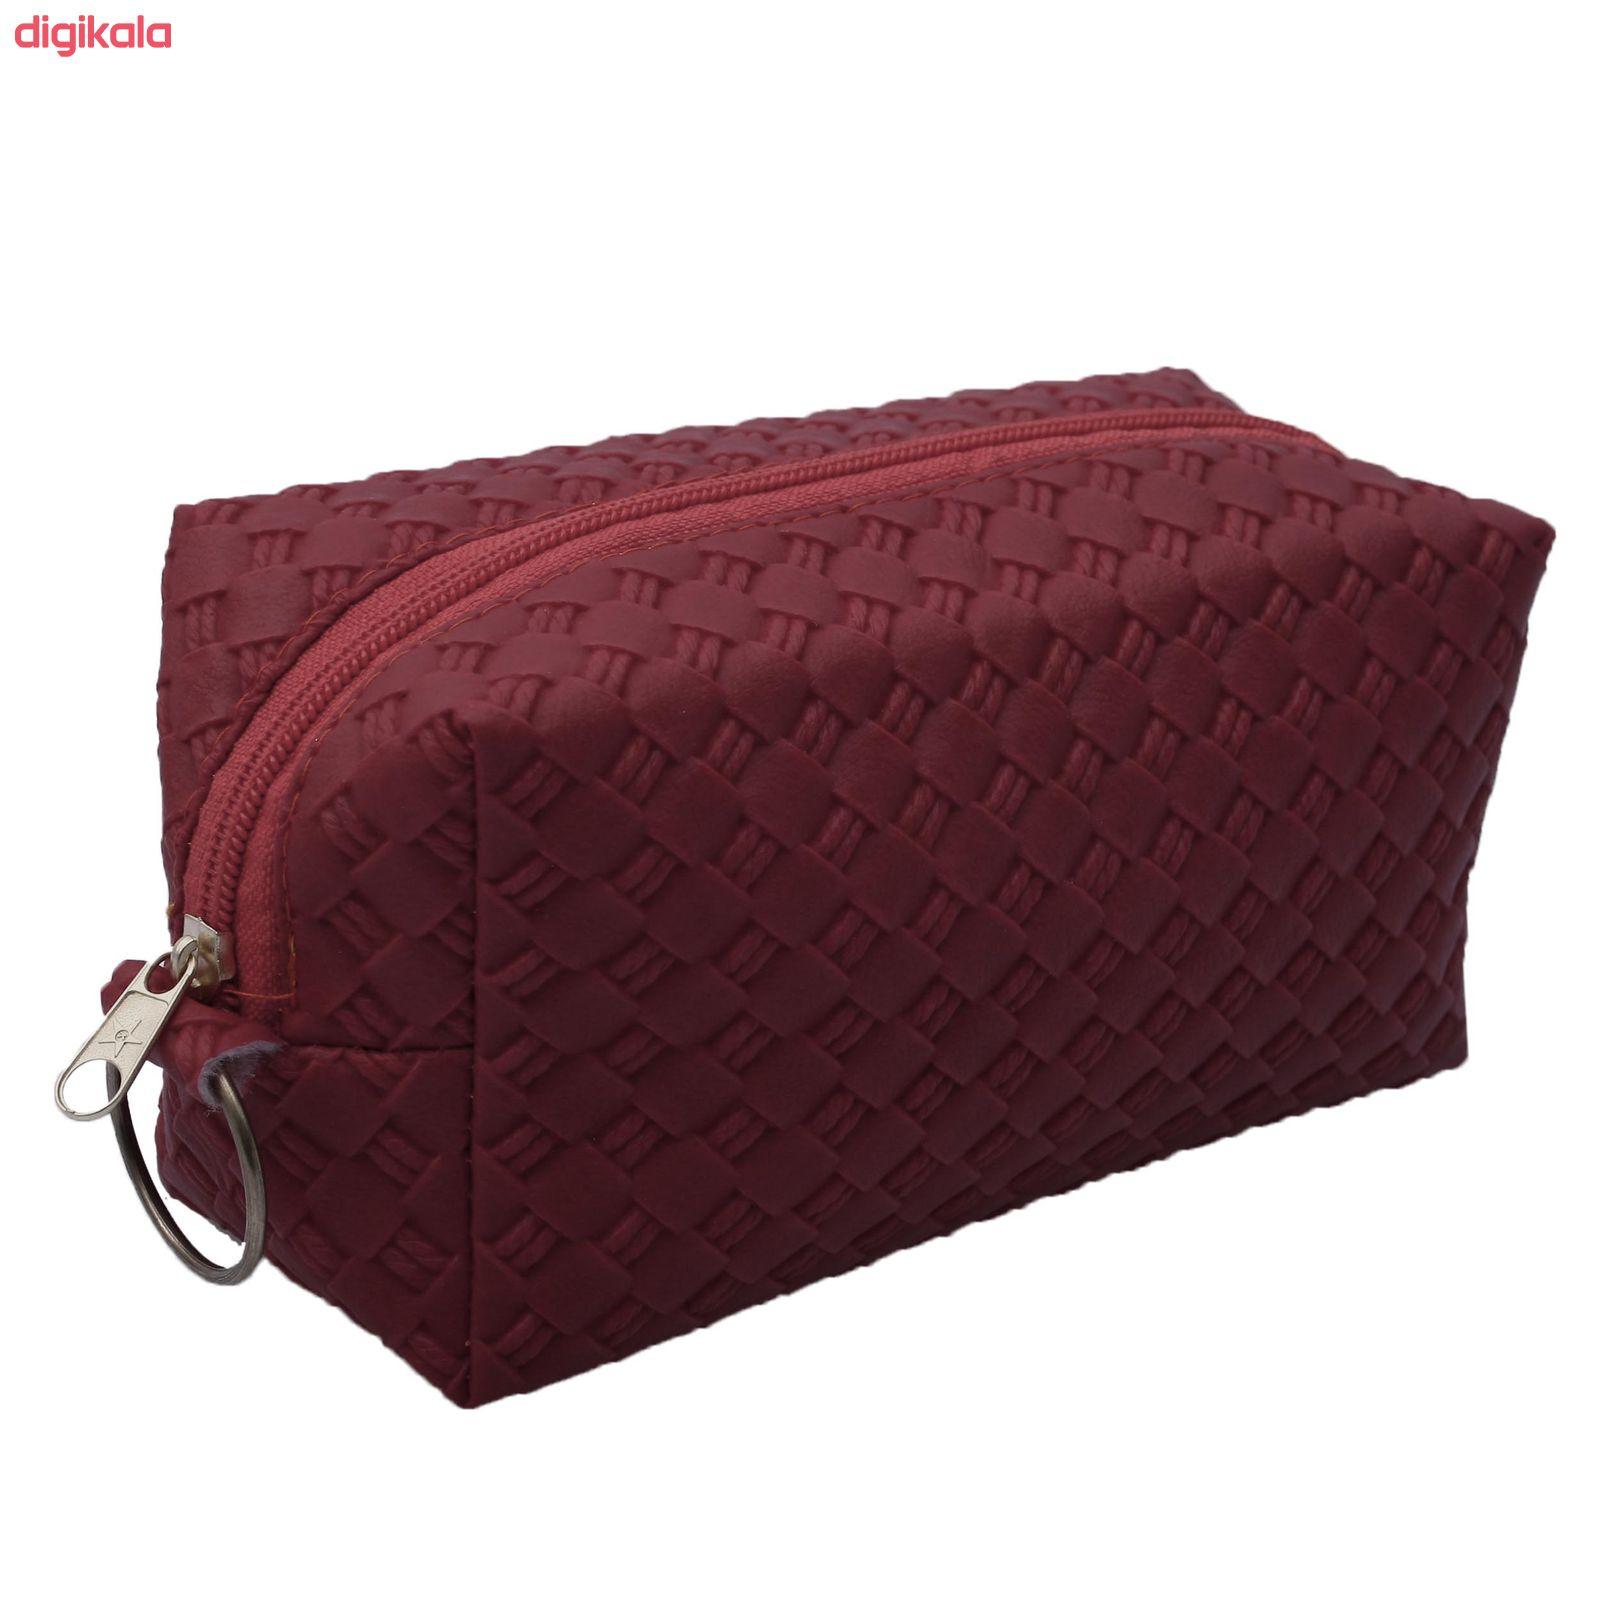 کیف لوازم آرایش کد GT0103 main 1 34